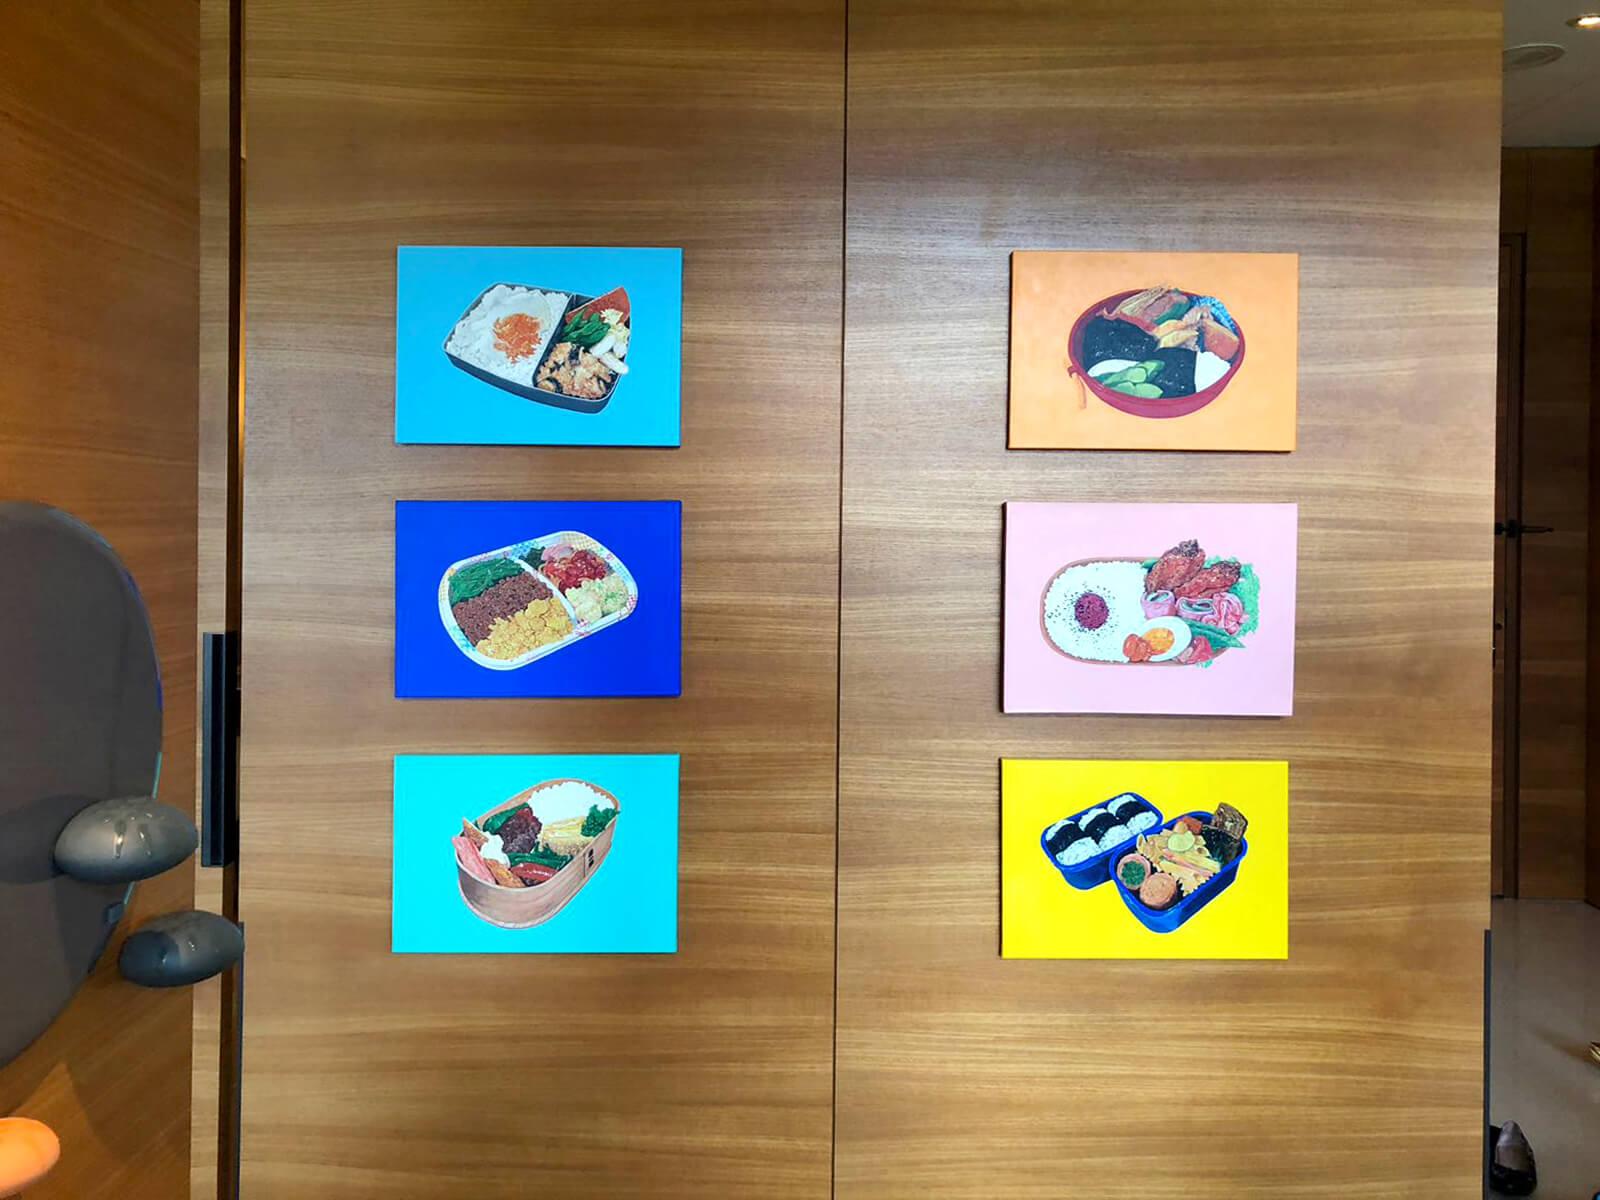 アートフェアART FORMOSA 2018(台湾) の展示風景